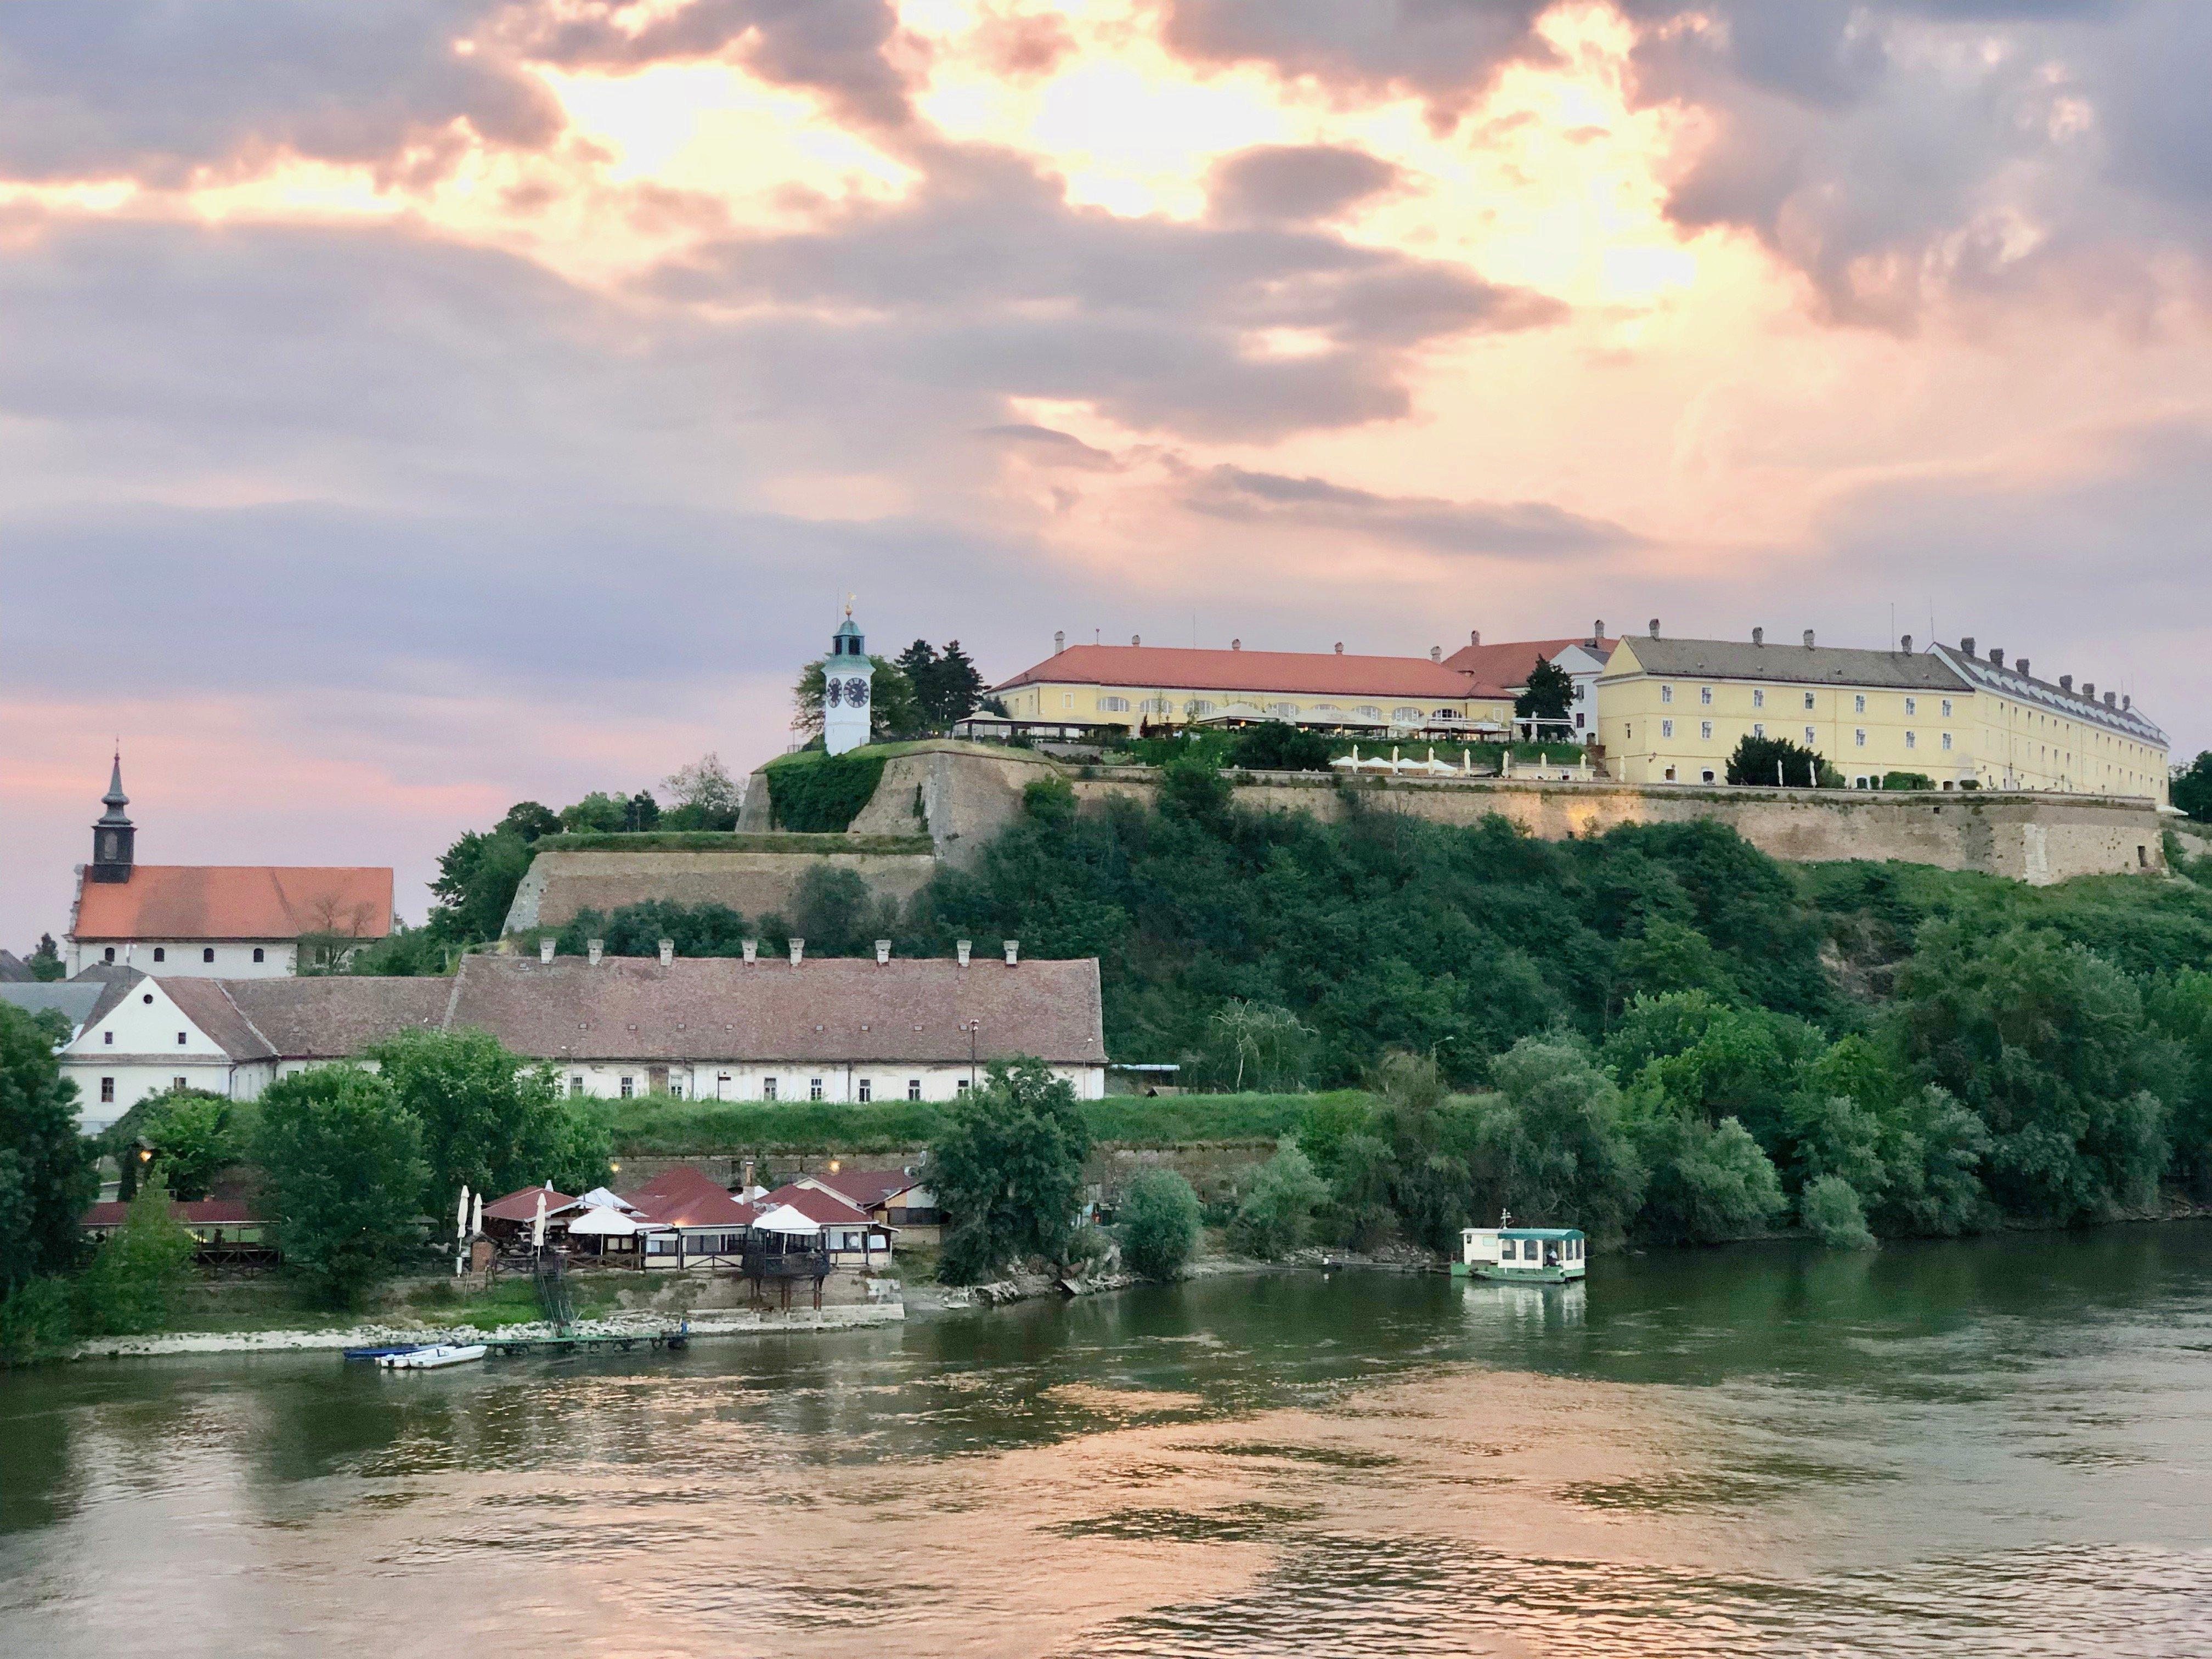 [多瑙河上的浪漫国度]-在塞尔维亚14days三城的时光影集